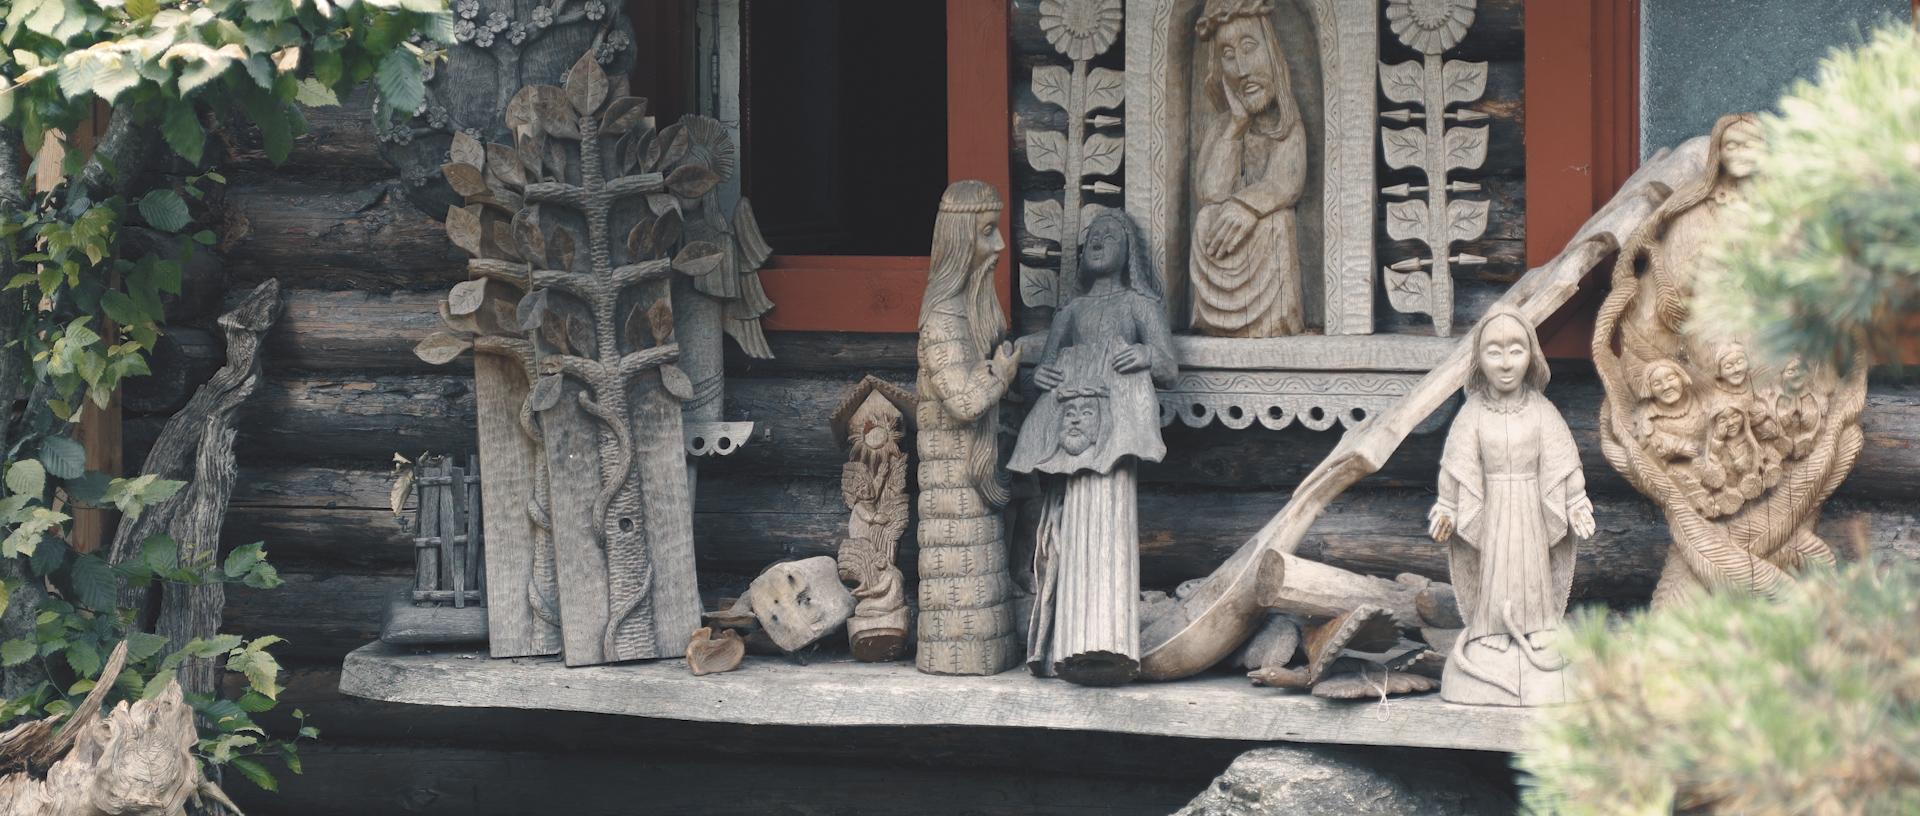 Medžio skulptūros ant suolo.